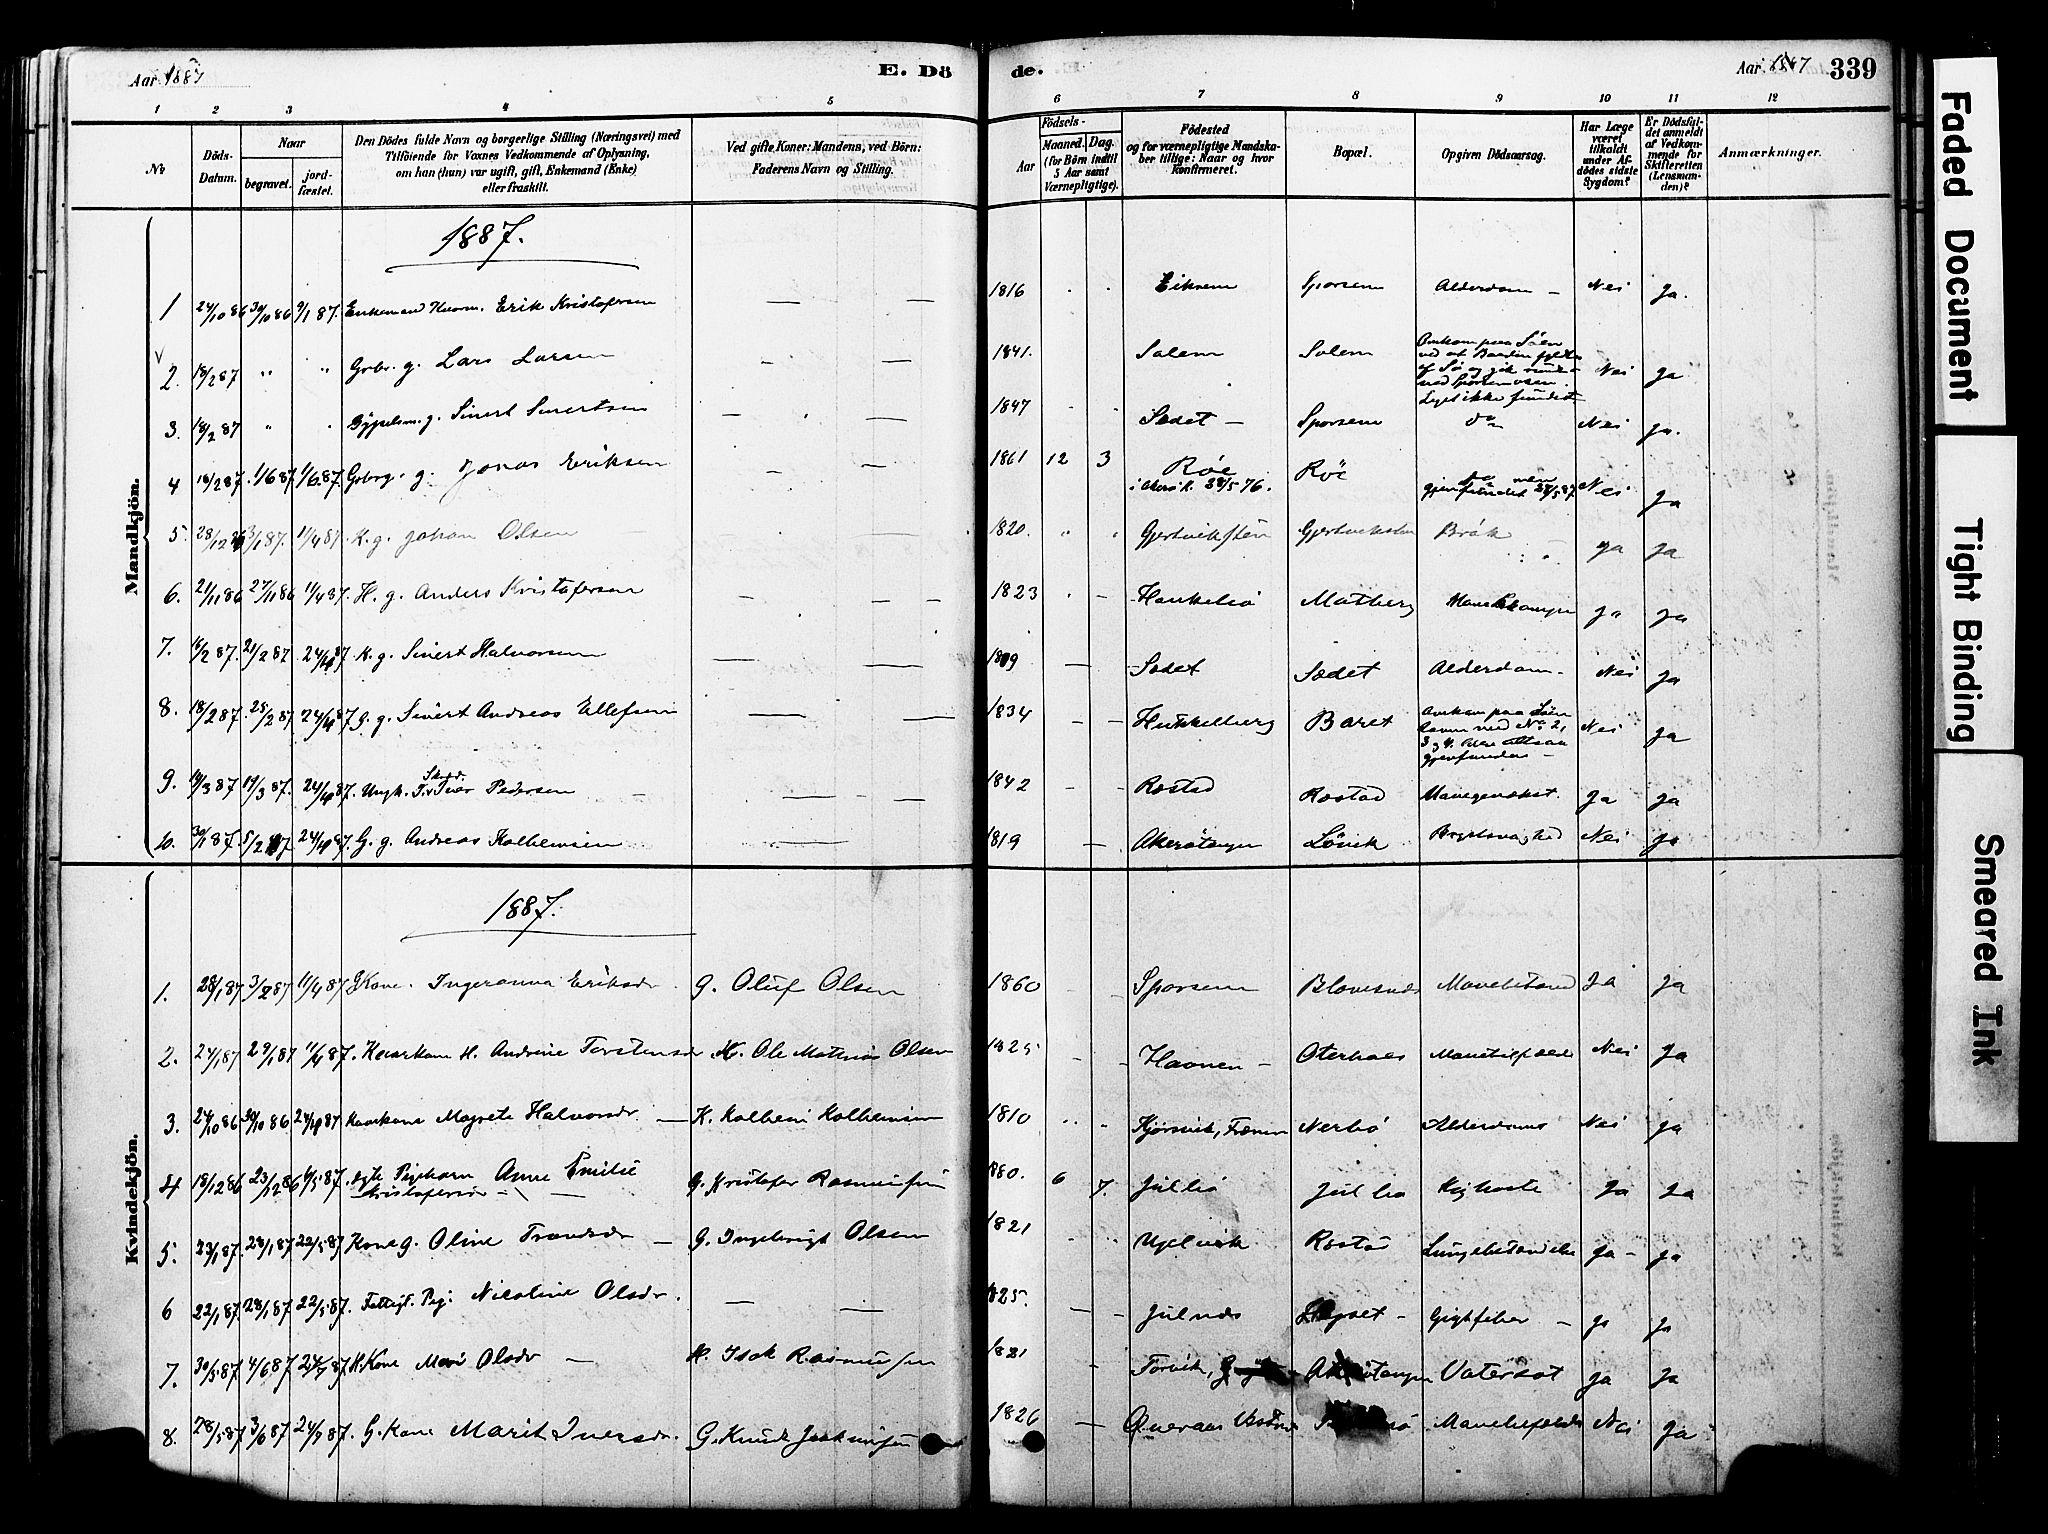 SAT, Ministerialprotokoller, klokkerbøker og fødselsregistre - Møre og Romsdal, 560/L0721: Ministerialbok nr. 560A05, 1878-1917, s. 339